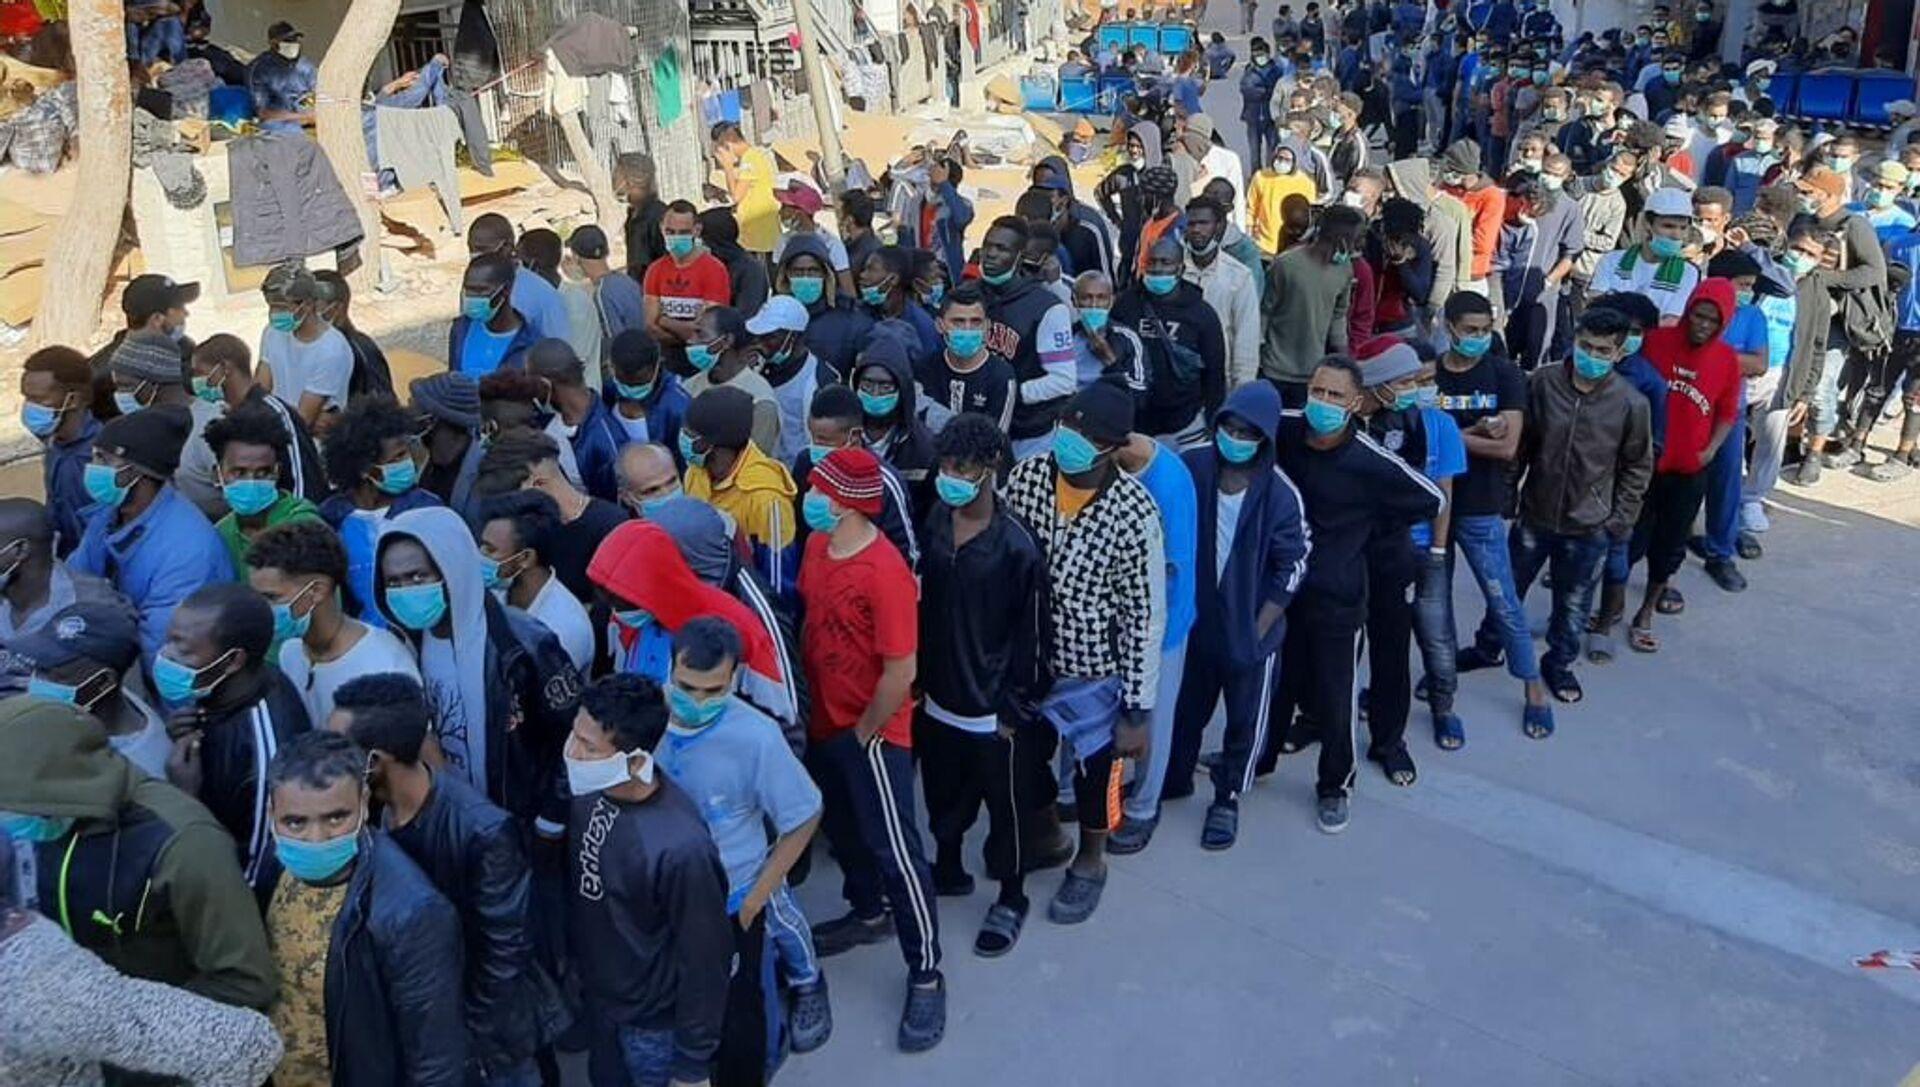 Migranti nel centro di accoglienza di Lampedusa - Sputnik Italia, 1920, 09.05.2021